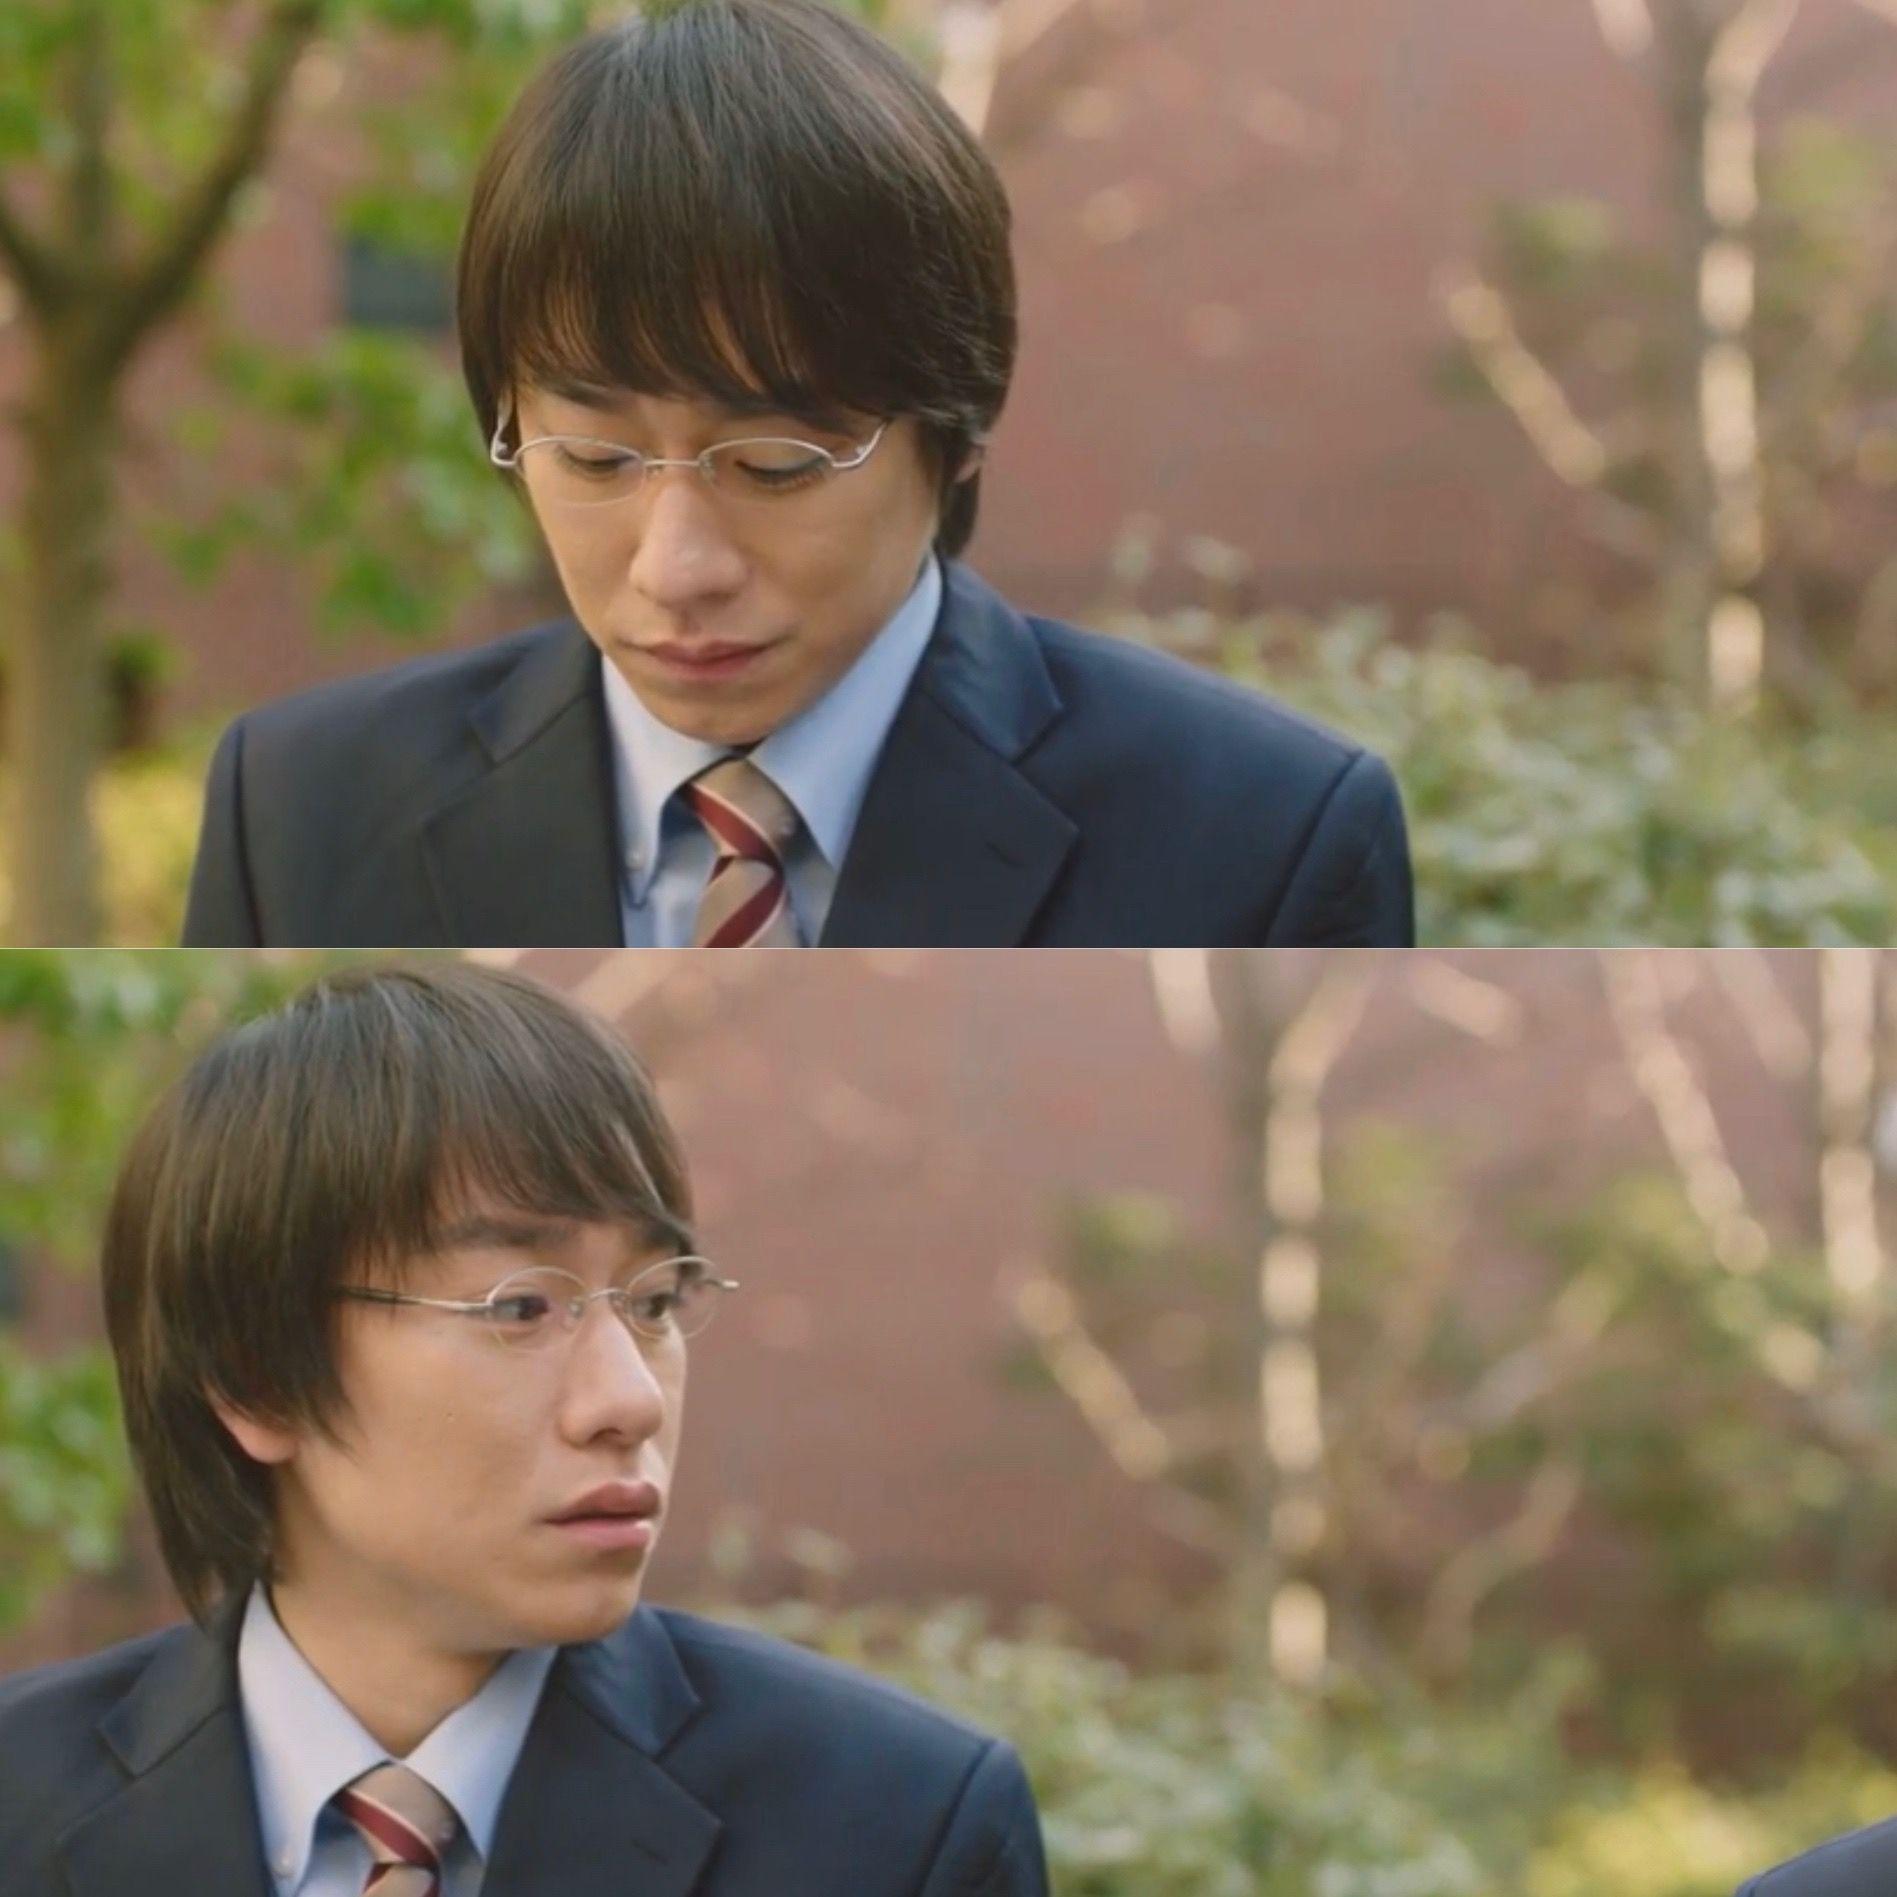 モトキ 落合 落合モトキは子役時代から活躍している俳優!共演者キラーとして有名な彼の現在の彼女とは!?